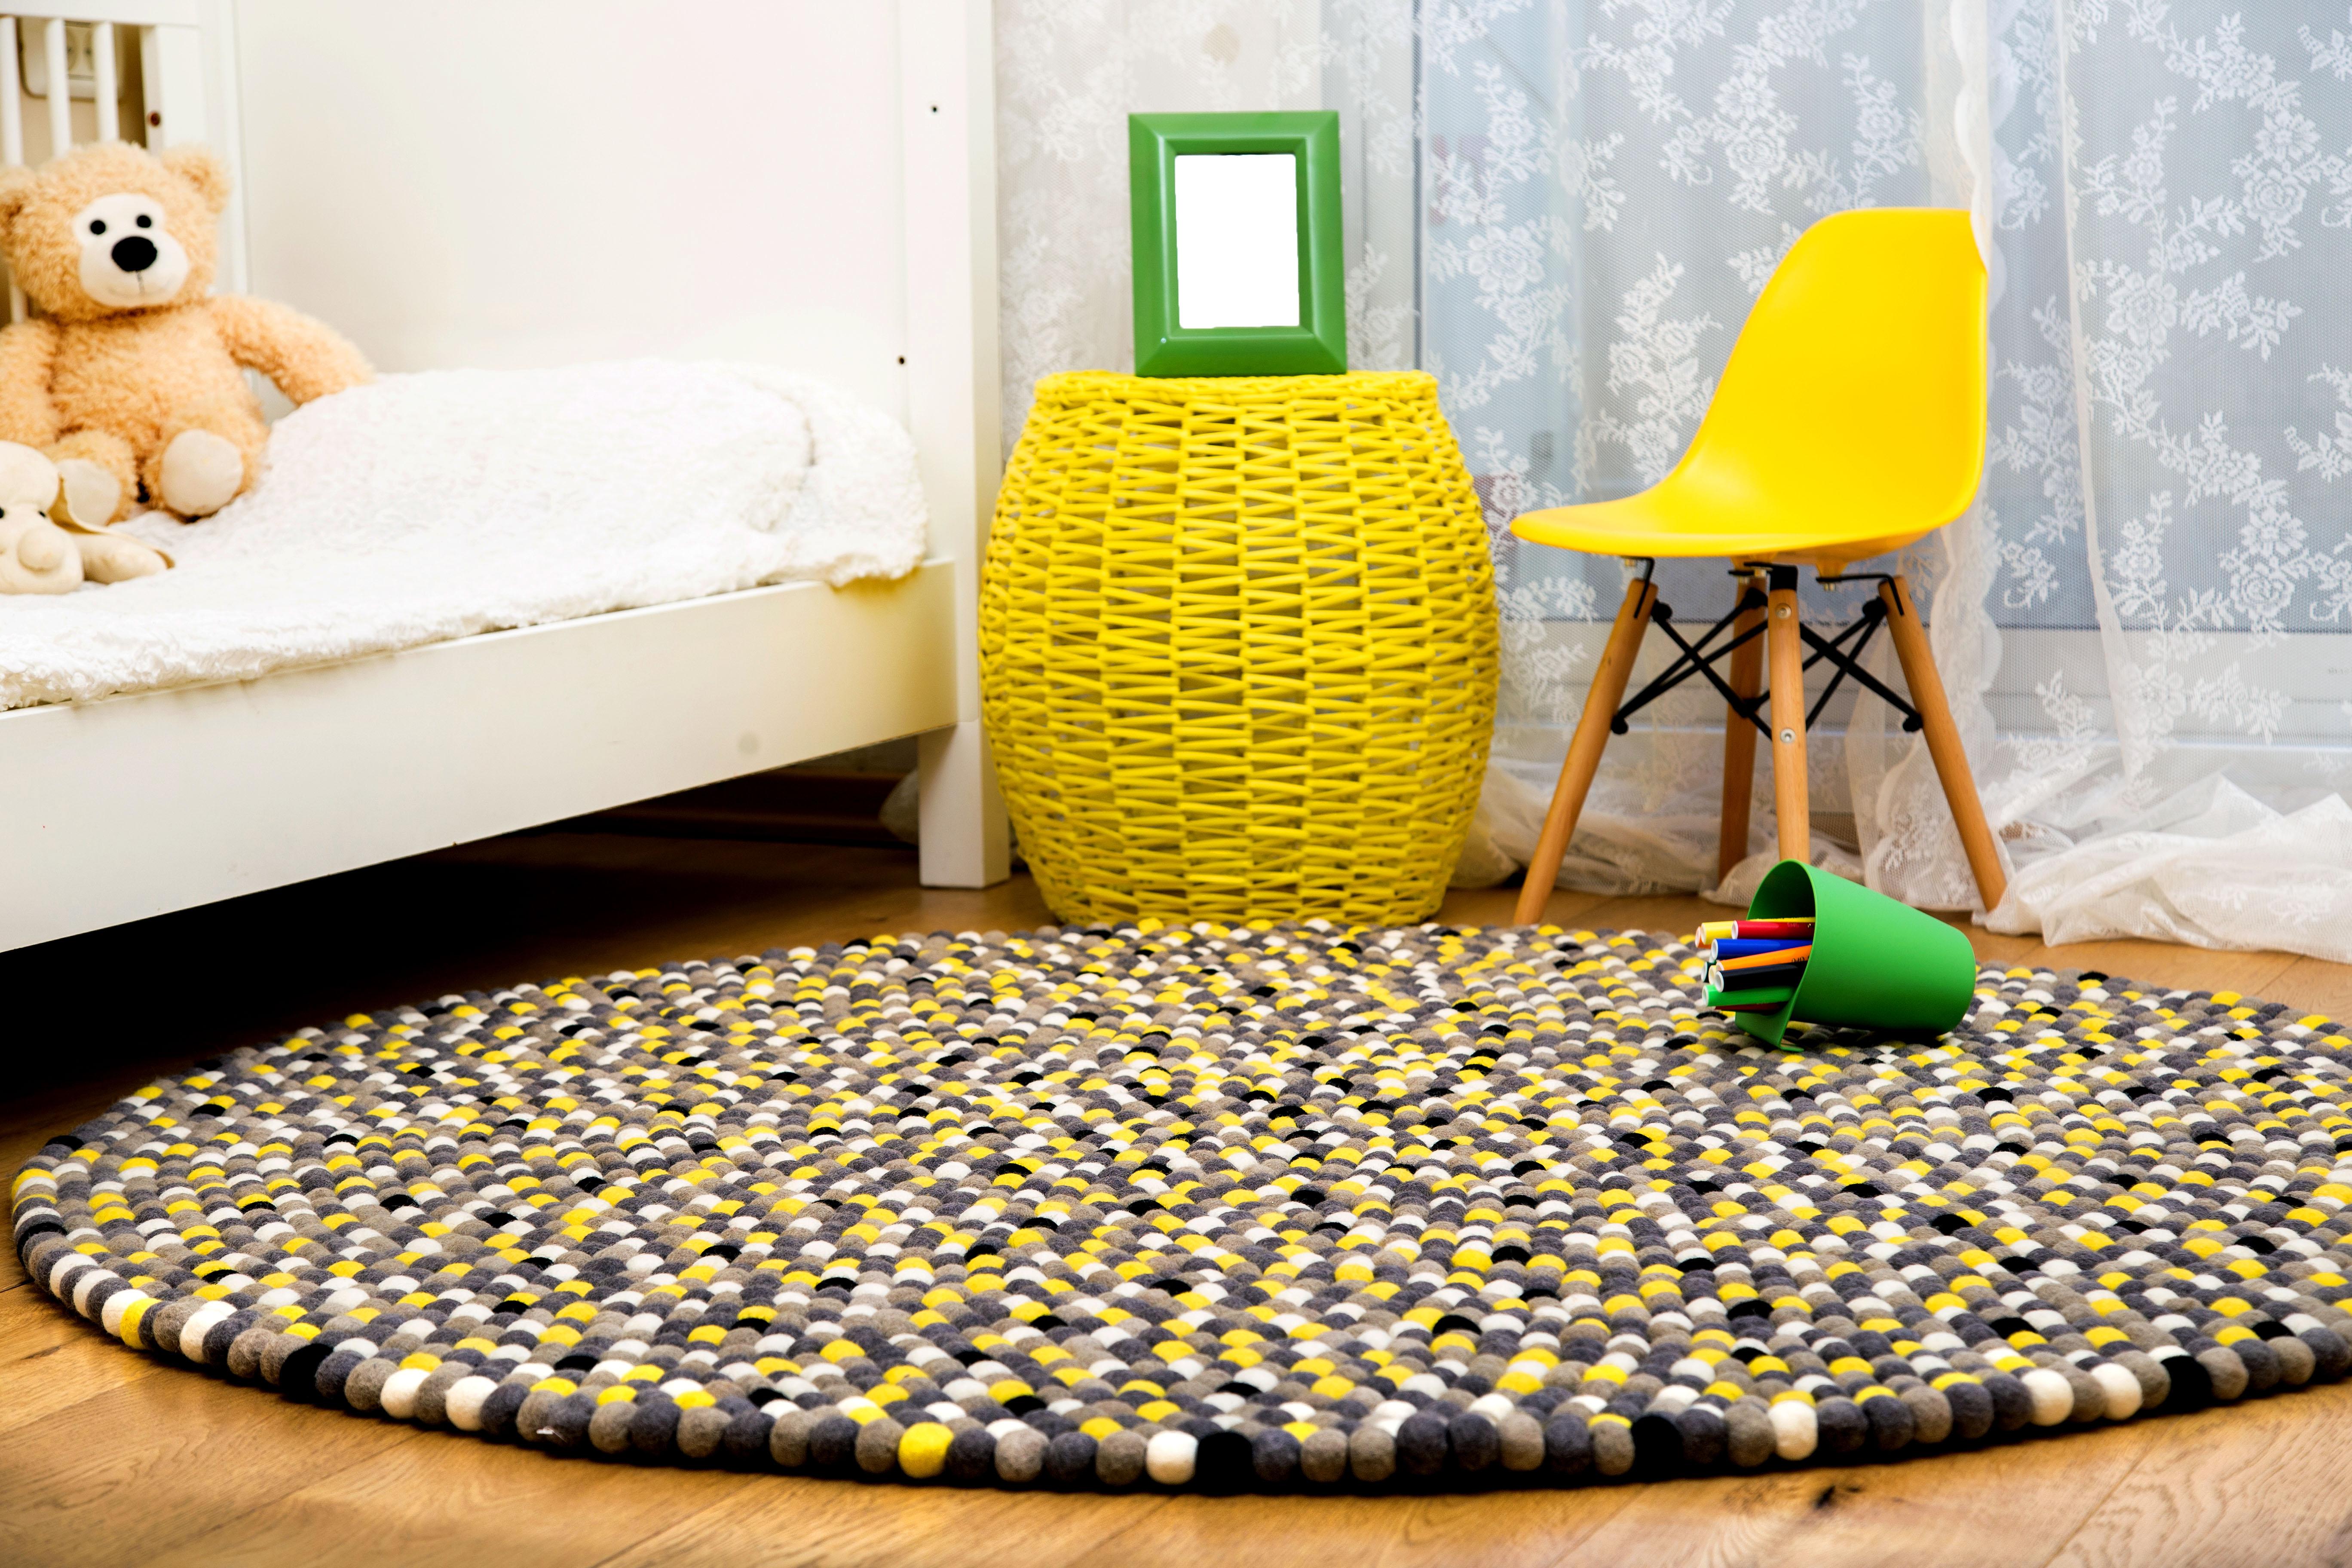 שטיח לימונדה בחדר ילדים